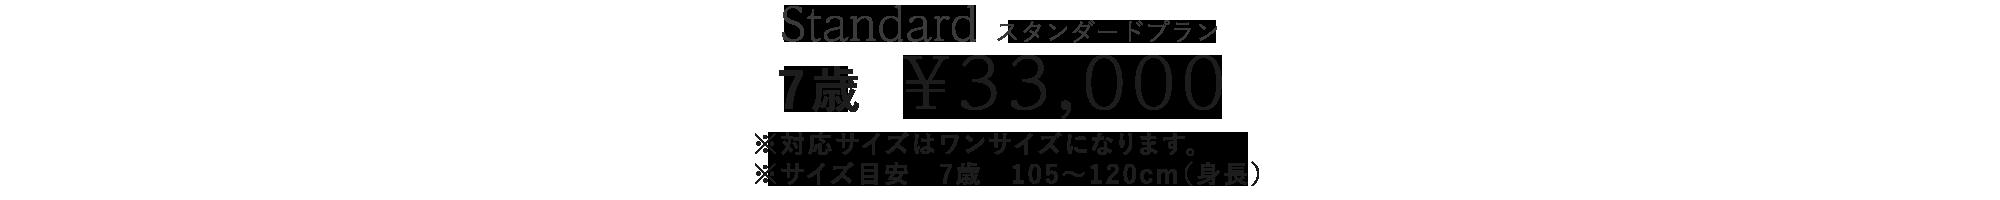 7歳33,000円プラン